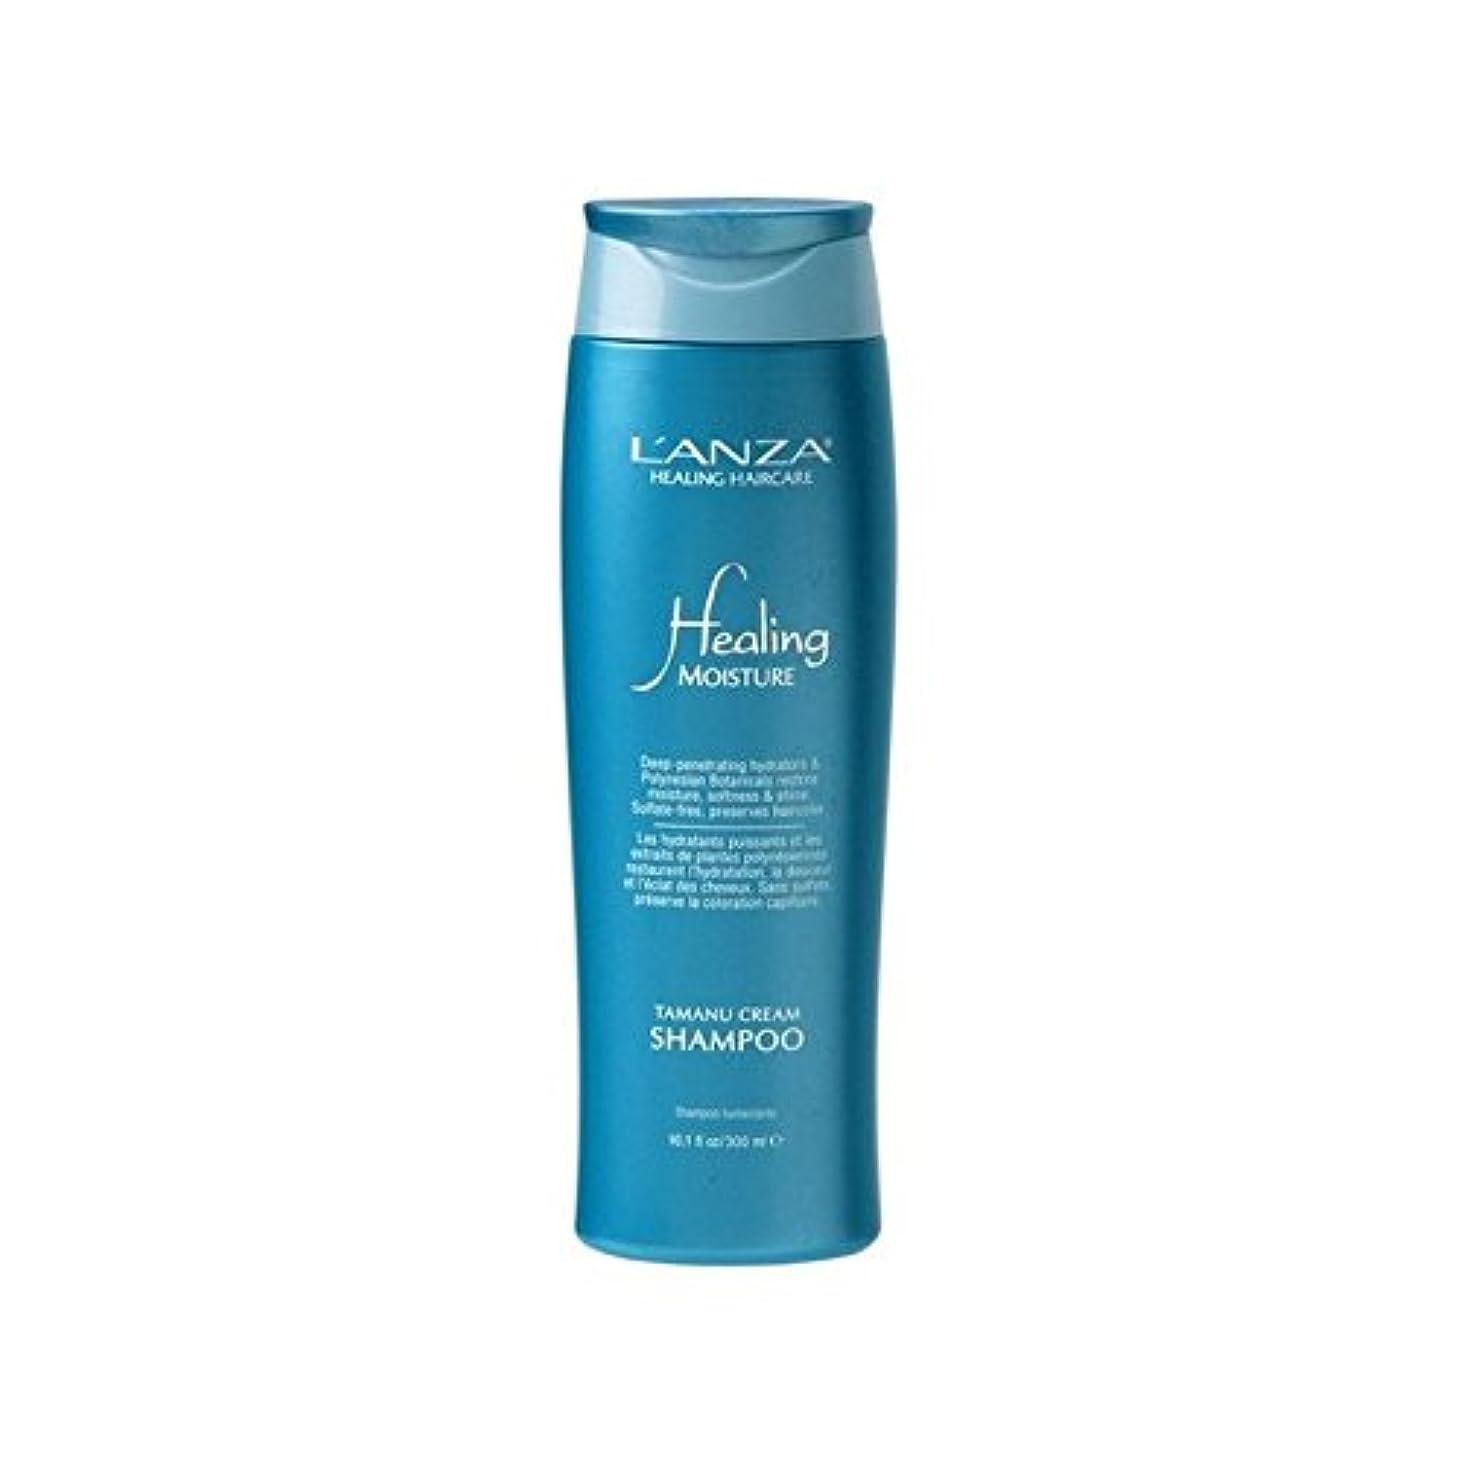 ハブ節約いろいろアンザ癒しの水分タマヌクリームシャンプー(300ミリリットル) x2 - L'Anza Healing Moisture Tamanu Cream Shampoo (300ml) (Pack of 2) [並行輸入品]